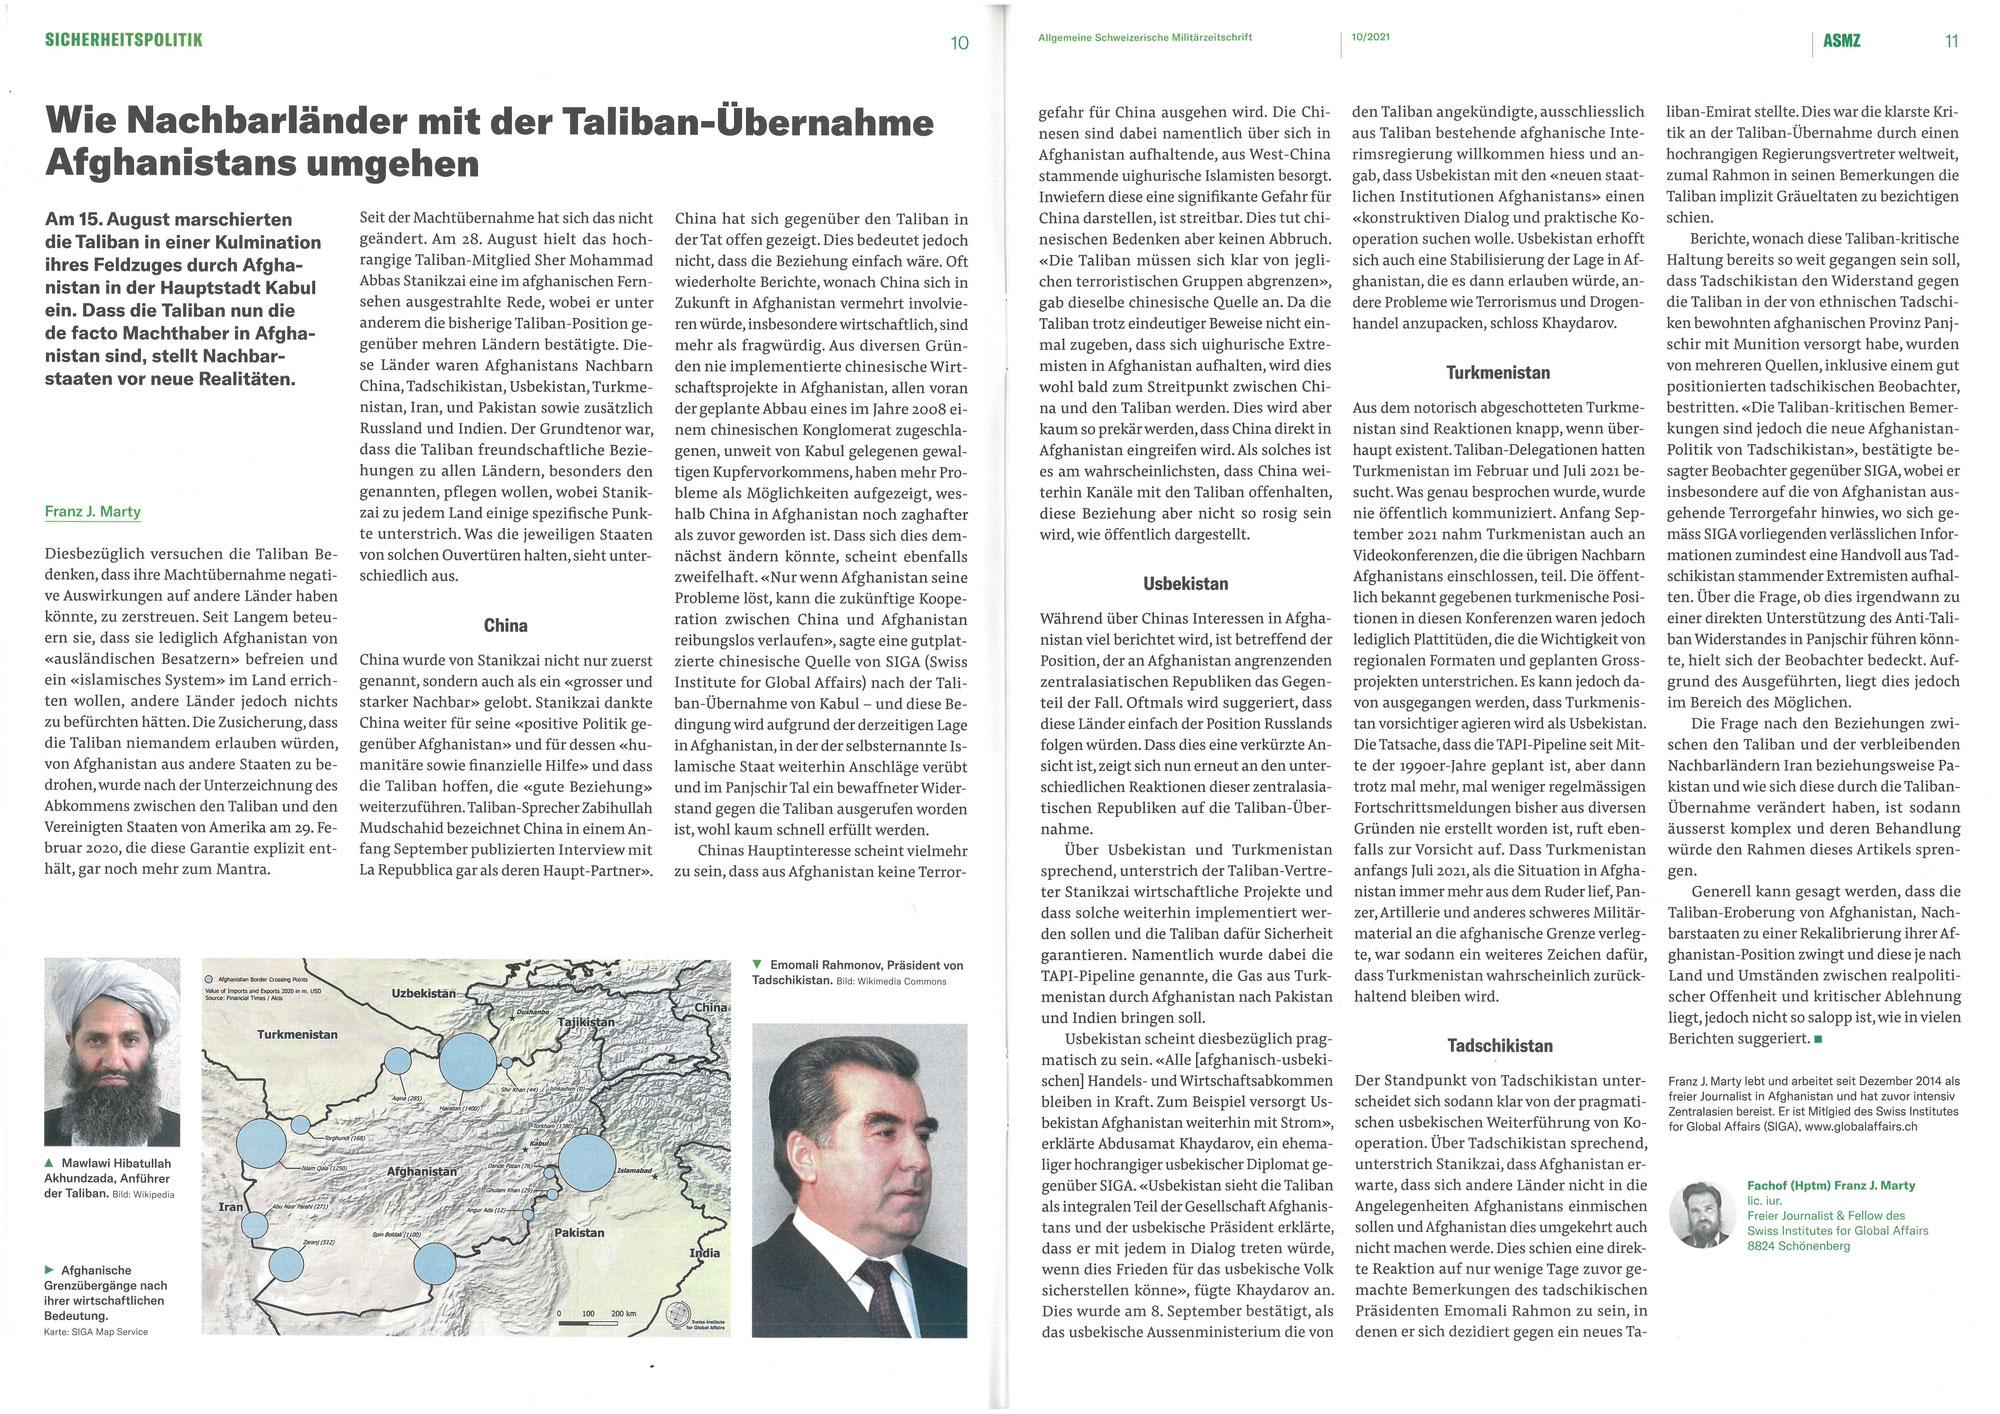 Wie Nachbarländer mit der Taliban-Übernahme Afghanistans umgehen